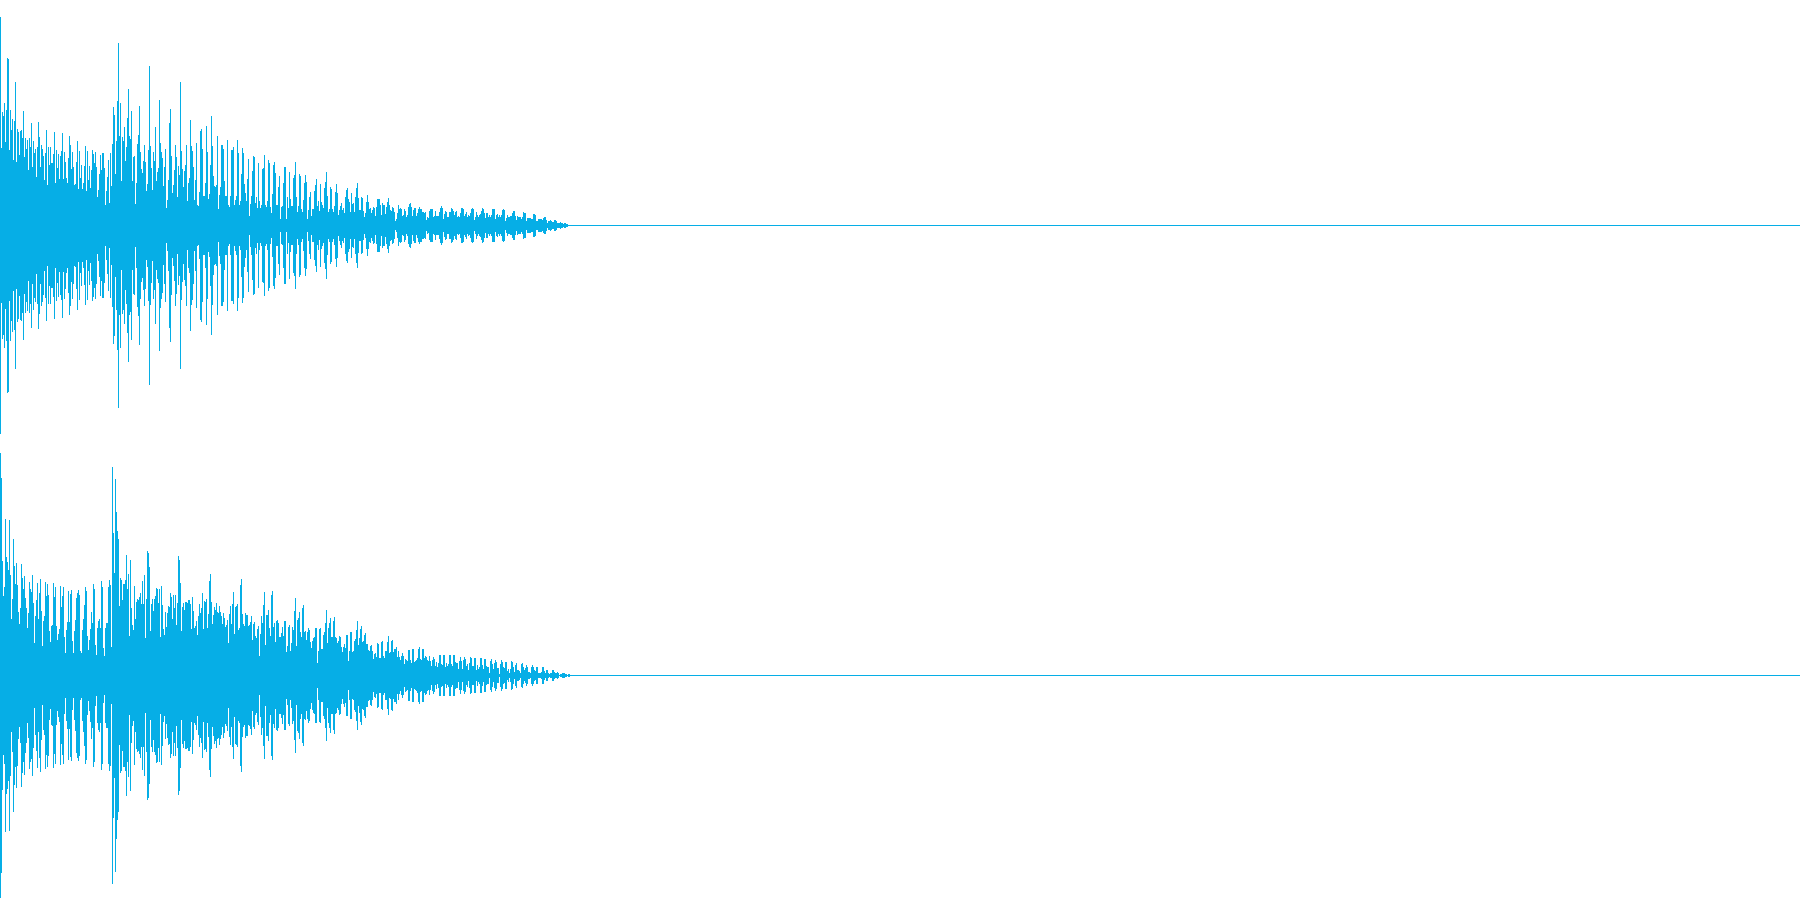 Cursor セレクト・カーソルの音3の再生済みの波形